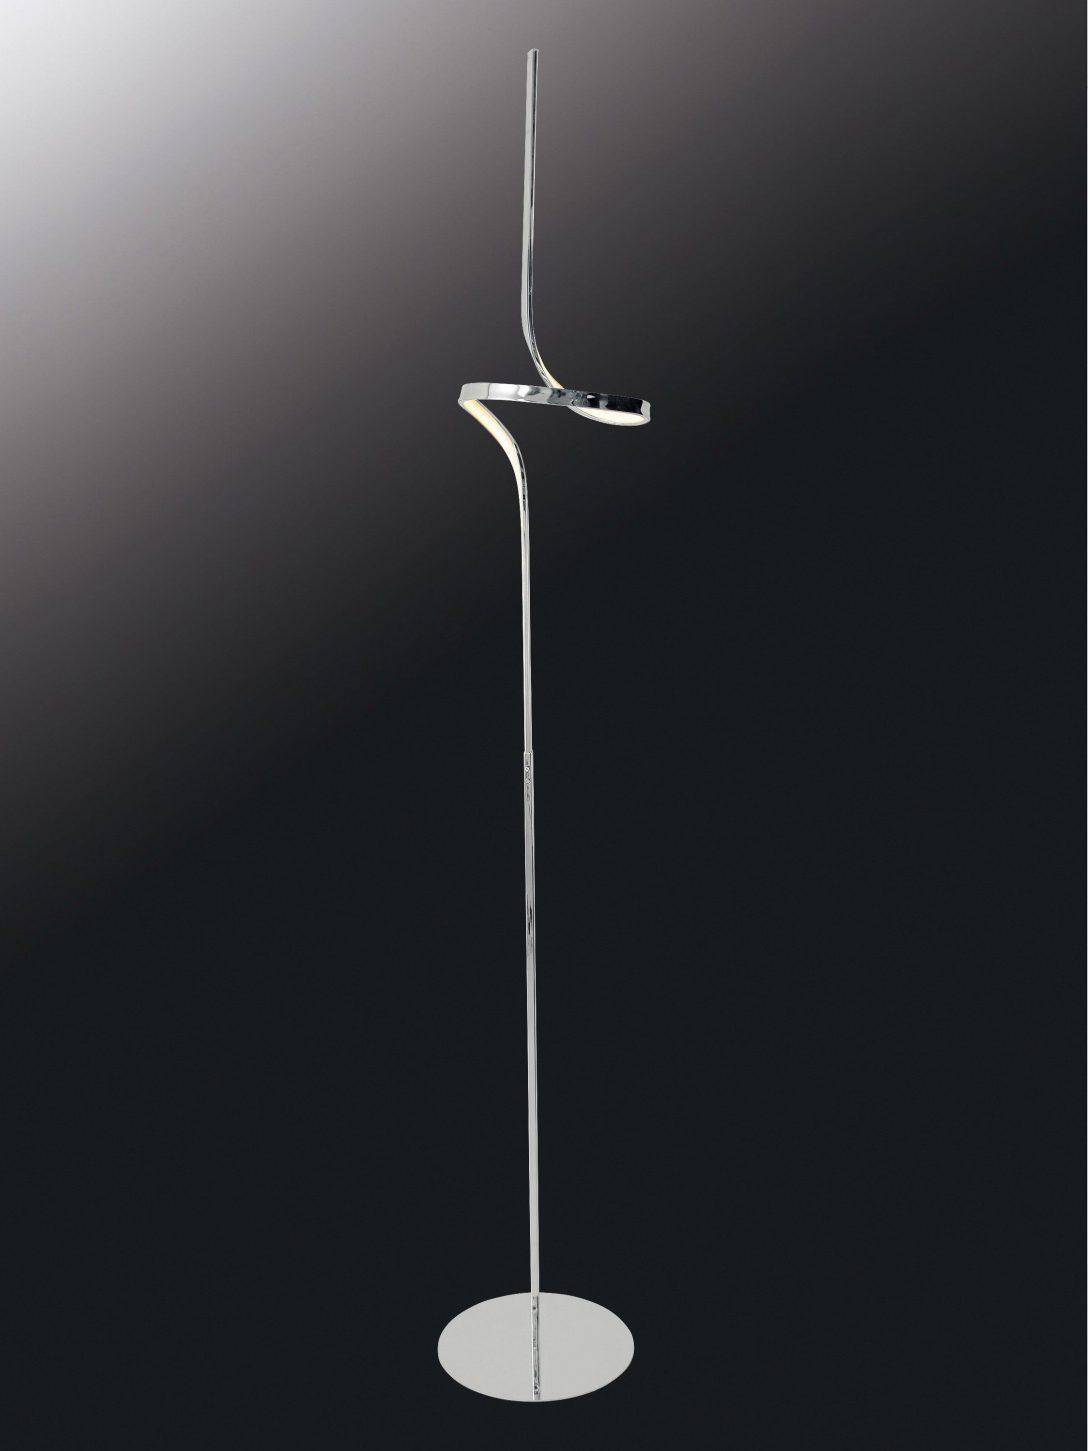 Large Size of Led Stehlampe Ikea Moderne Stehlampen Wohnzimmer Besser Schlafen Betten Bei Modulküche Küche Kaufen Sofa Mit Schlaffunktion Kosten Miniküche 160x200 Wohnzimmer Stehlampen Ikea